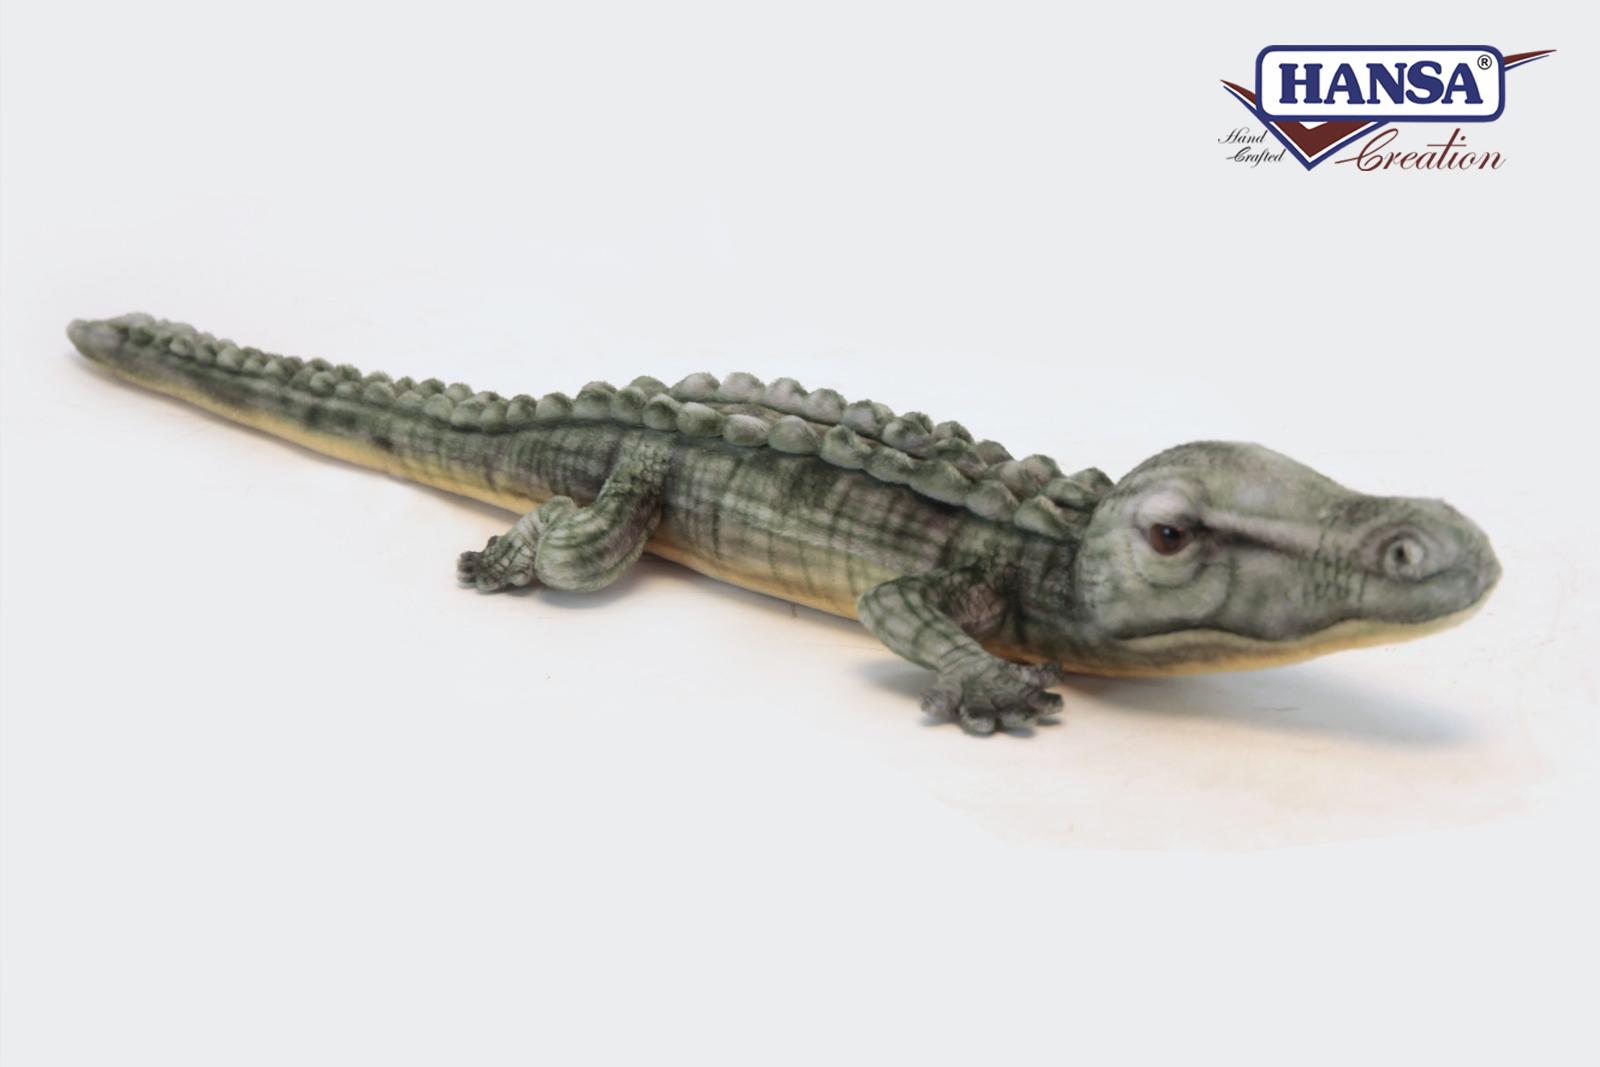 Крокодил гребнистый, 70 смБольшие игрушки (от 50 см)<br>Крокодил гребнистый, 70 см<br>